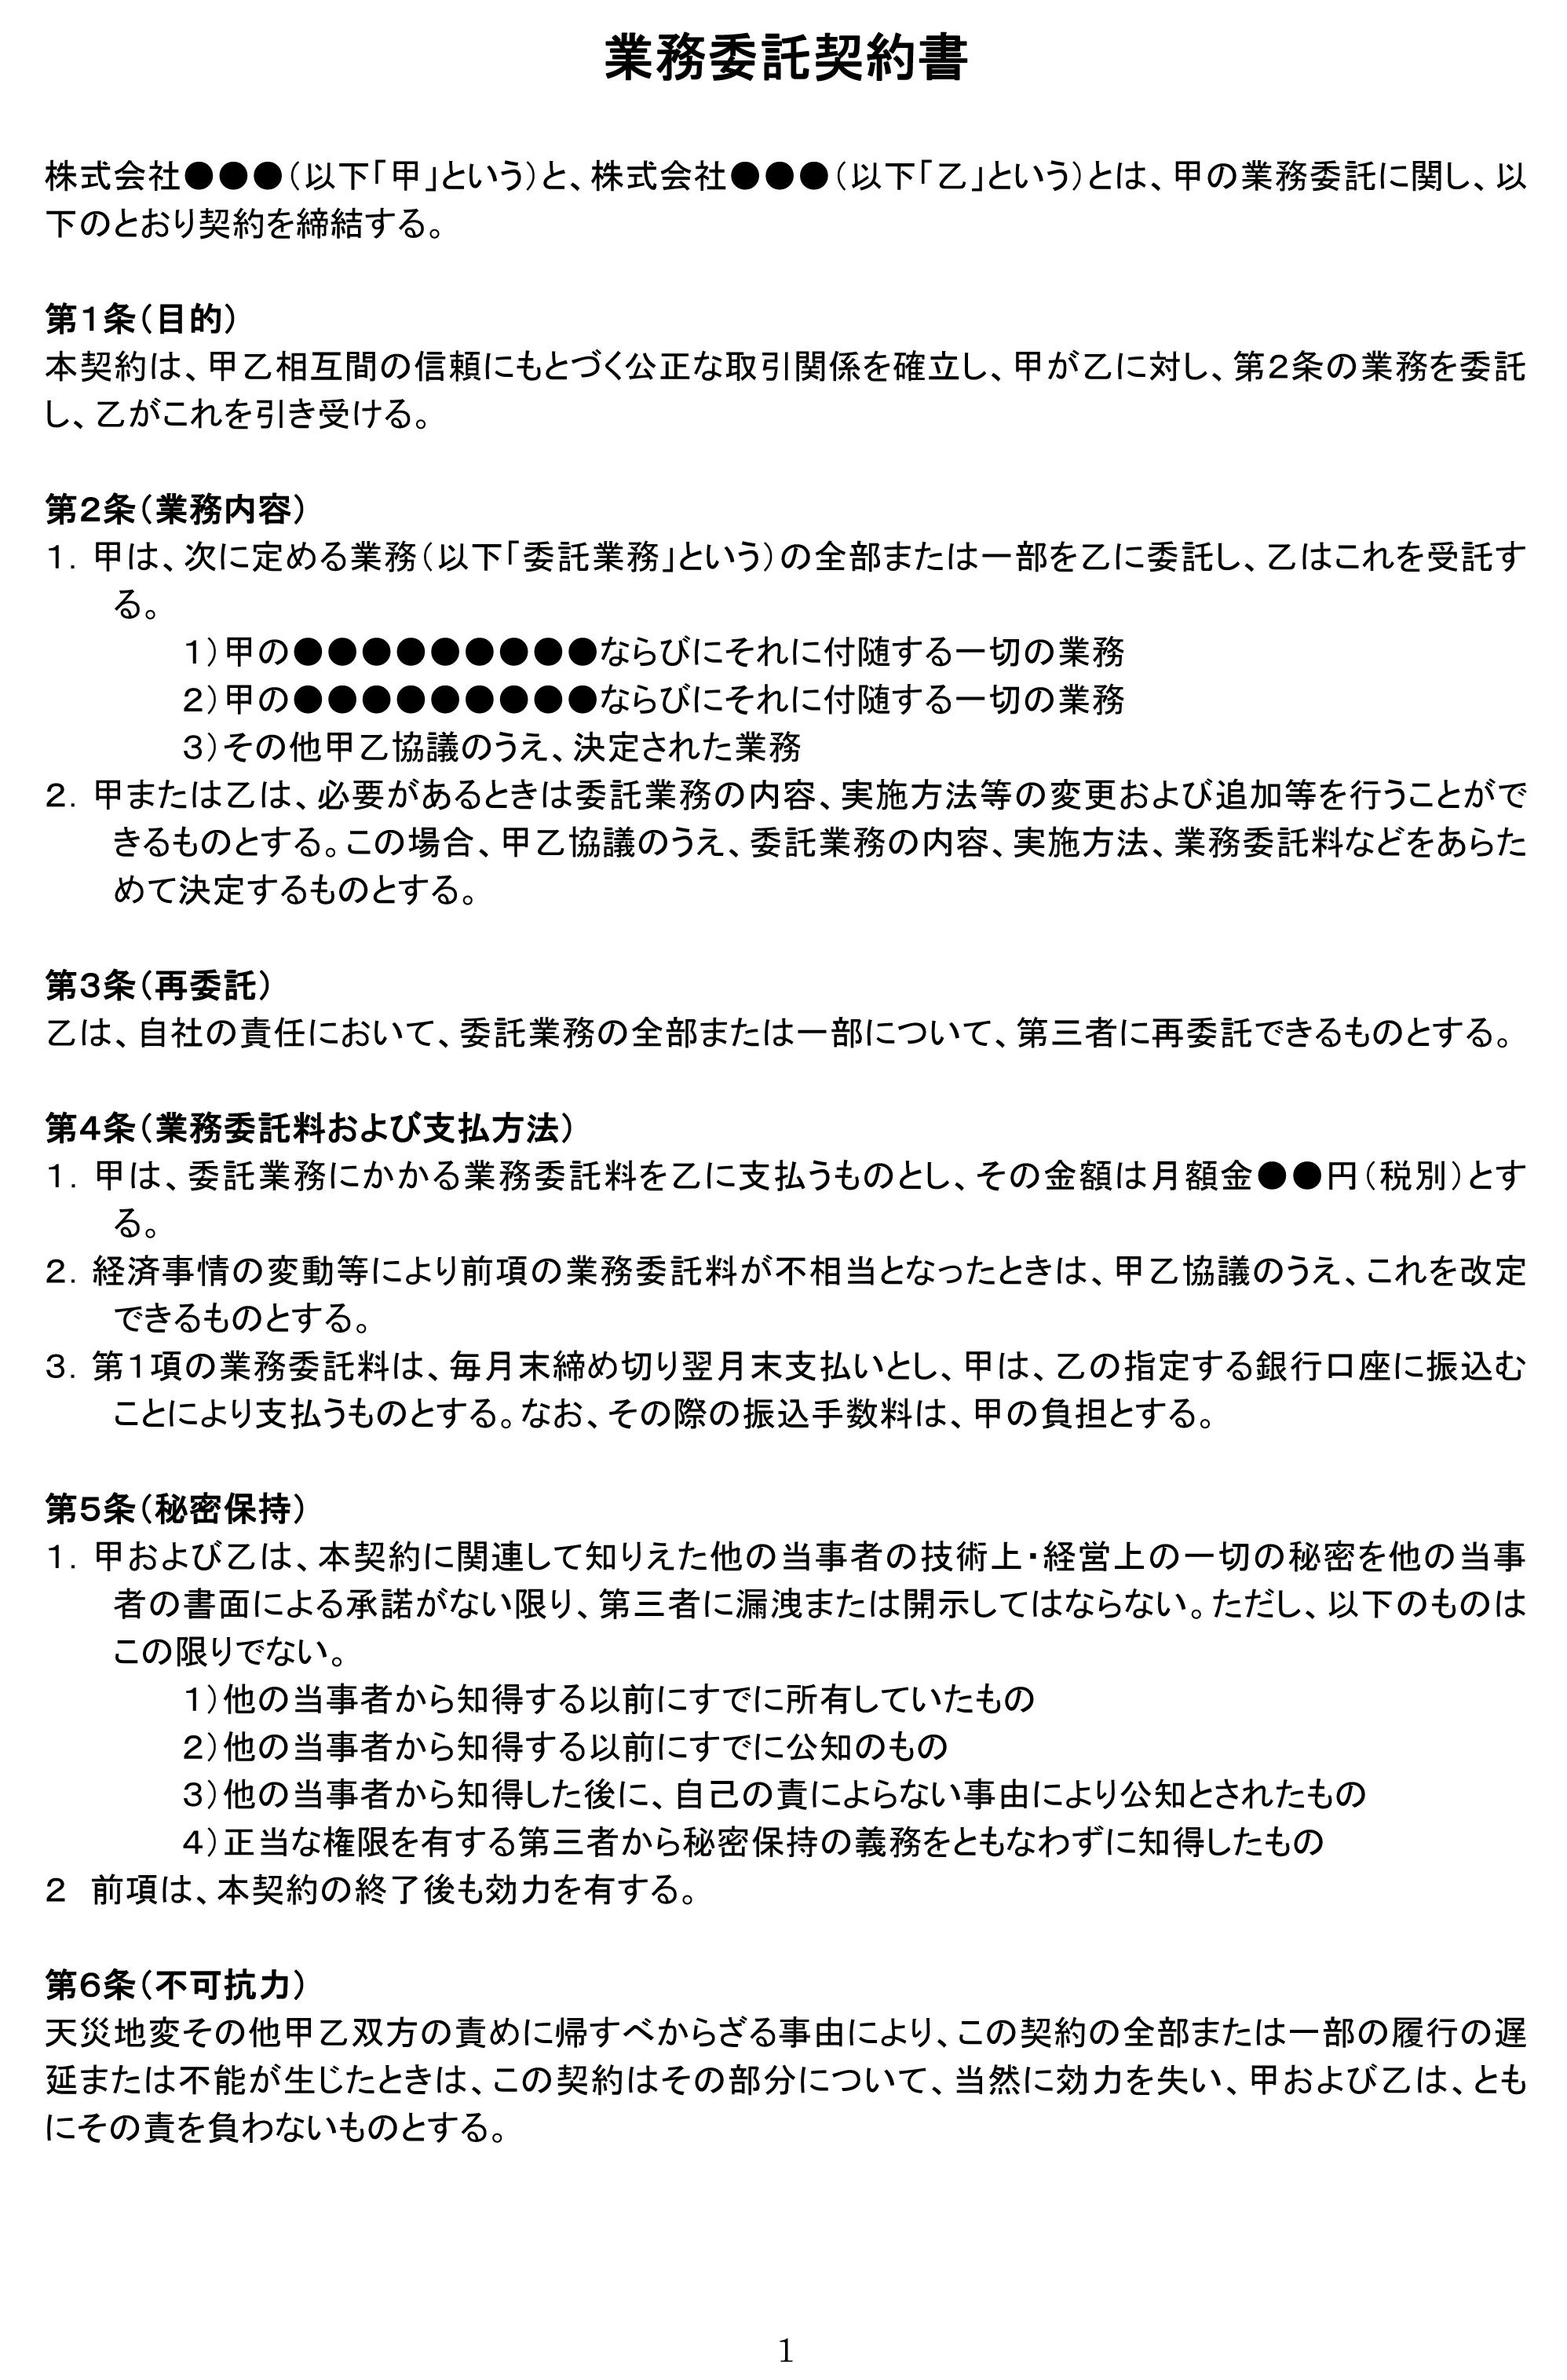 業務委託契約書_2